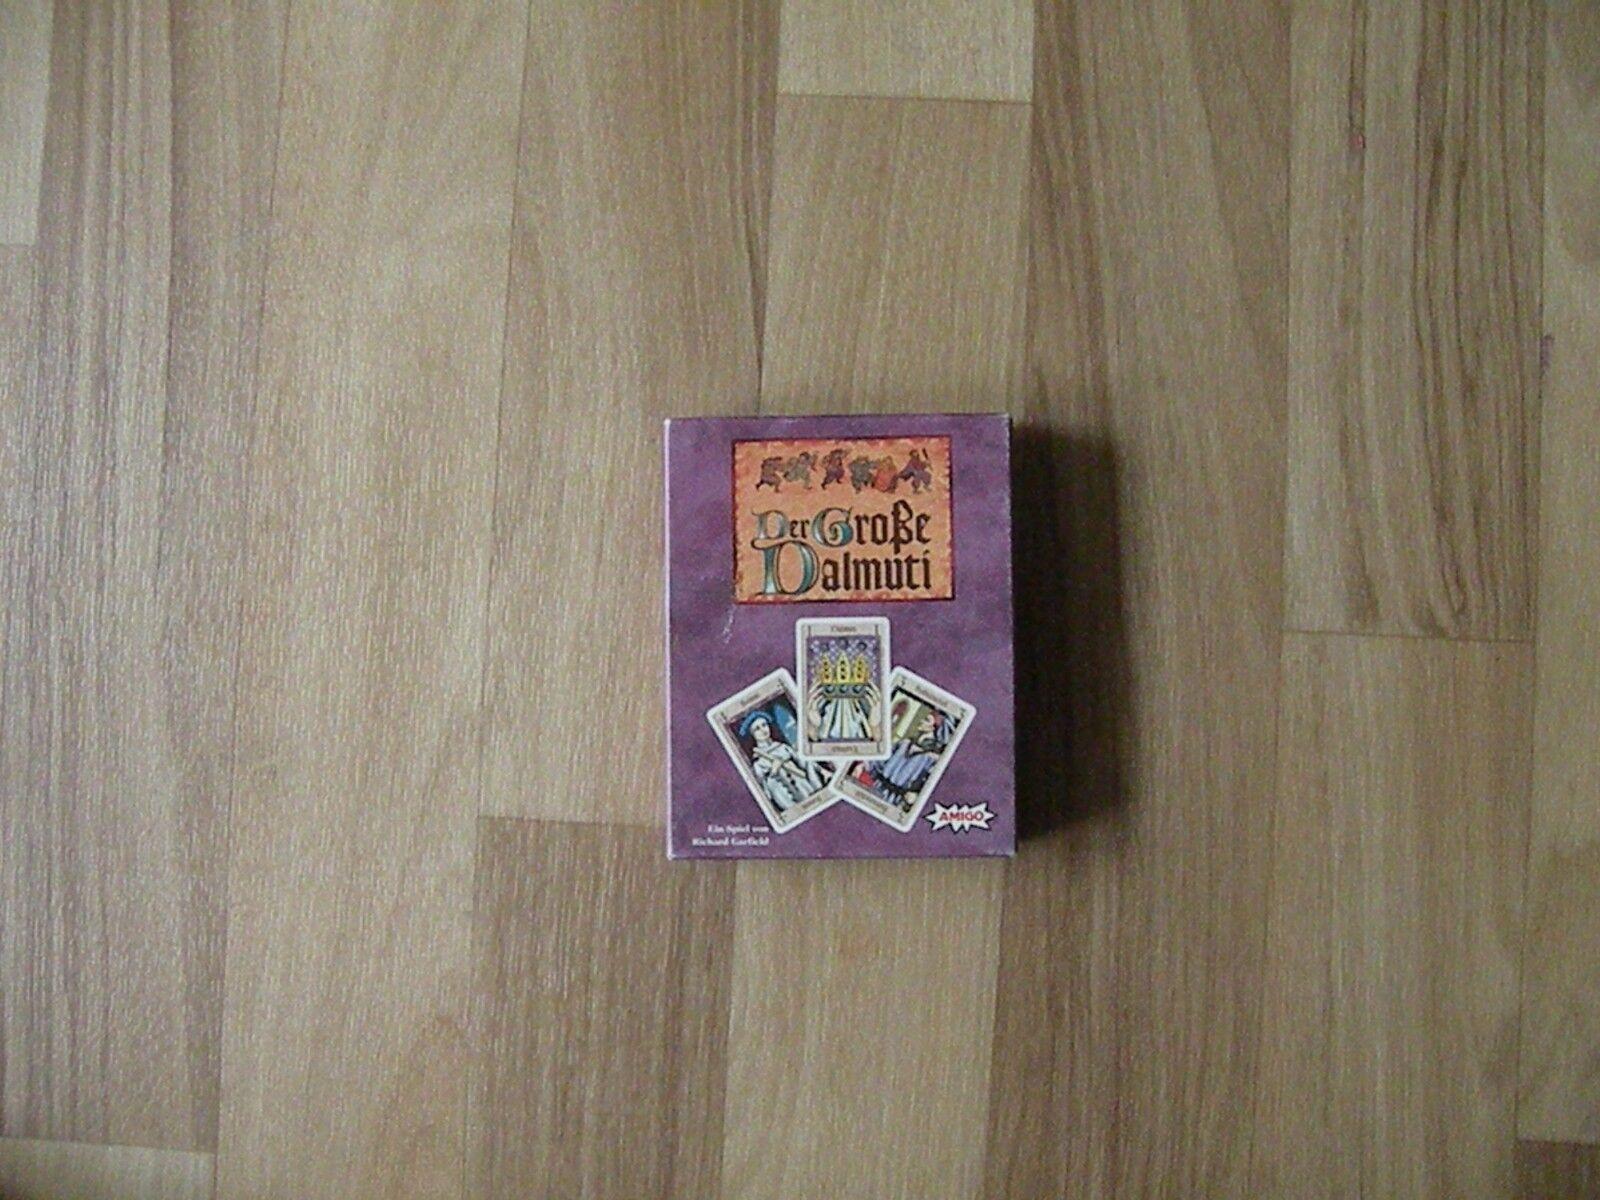 Der große Dalmuti - Kartenspiel von Amigo - für 4 - 8 Personen ab 8 Jahren - TOP